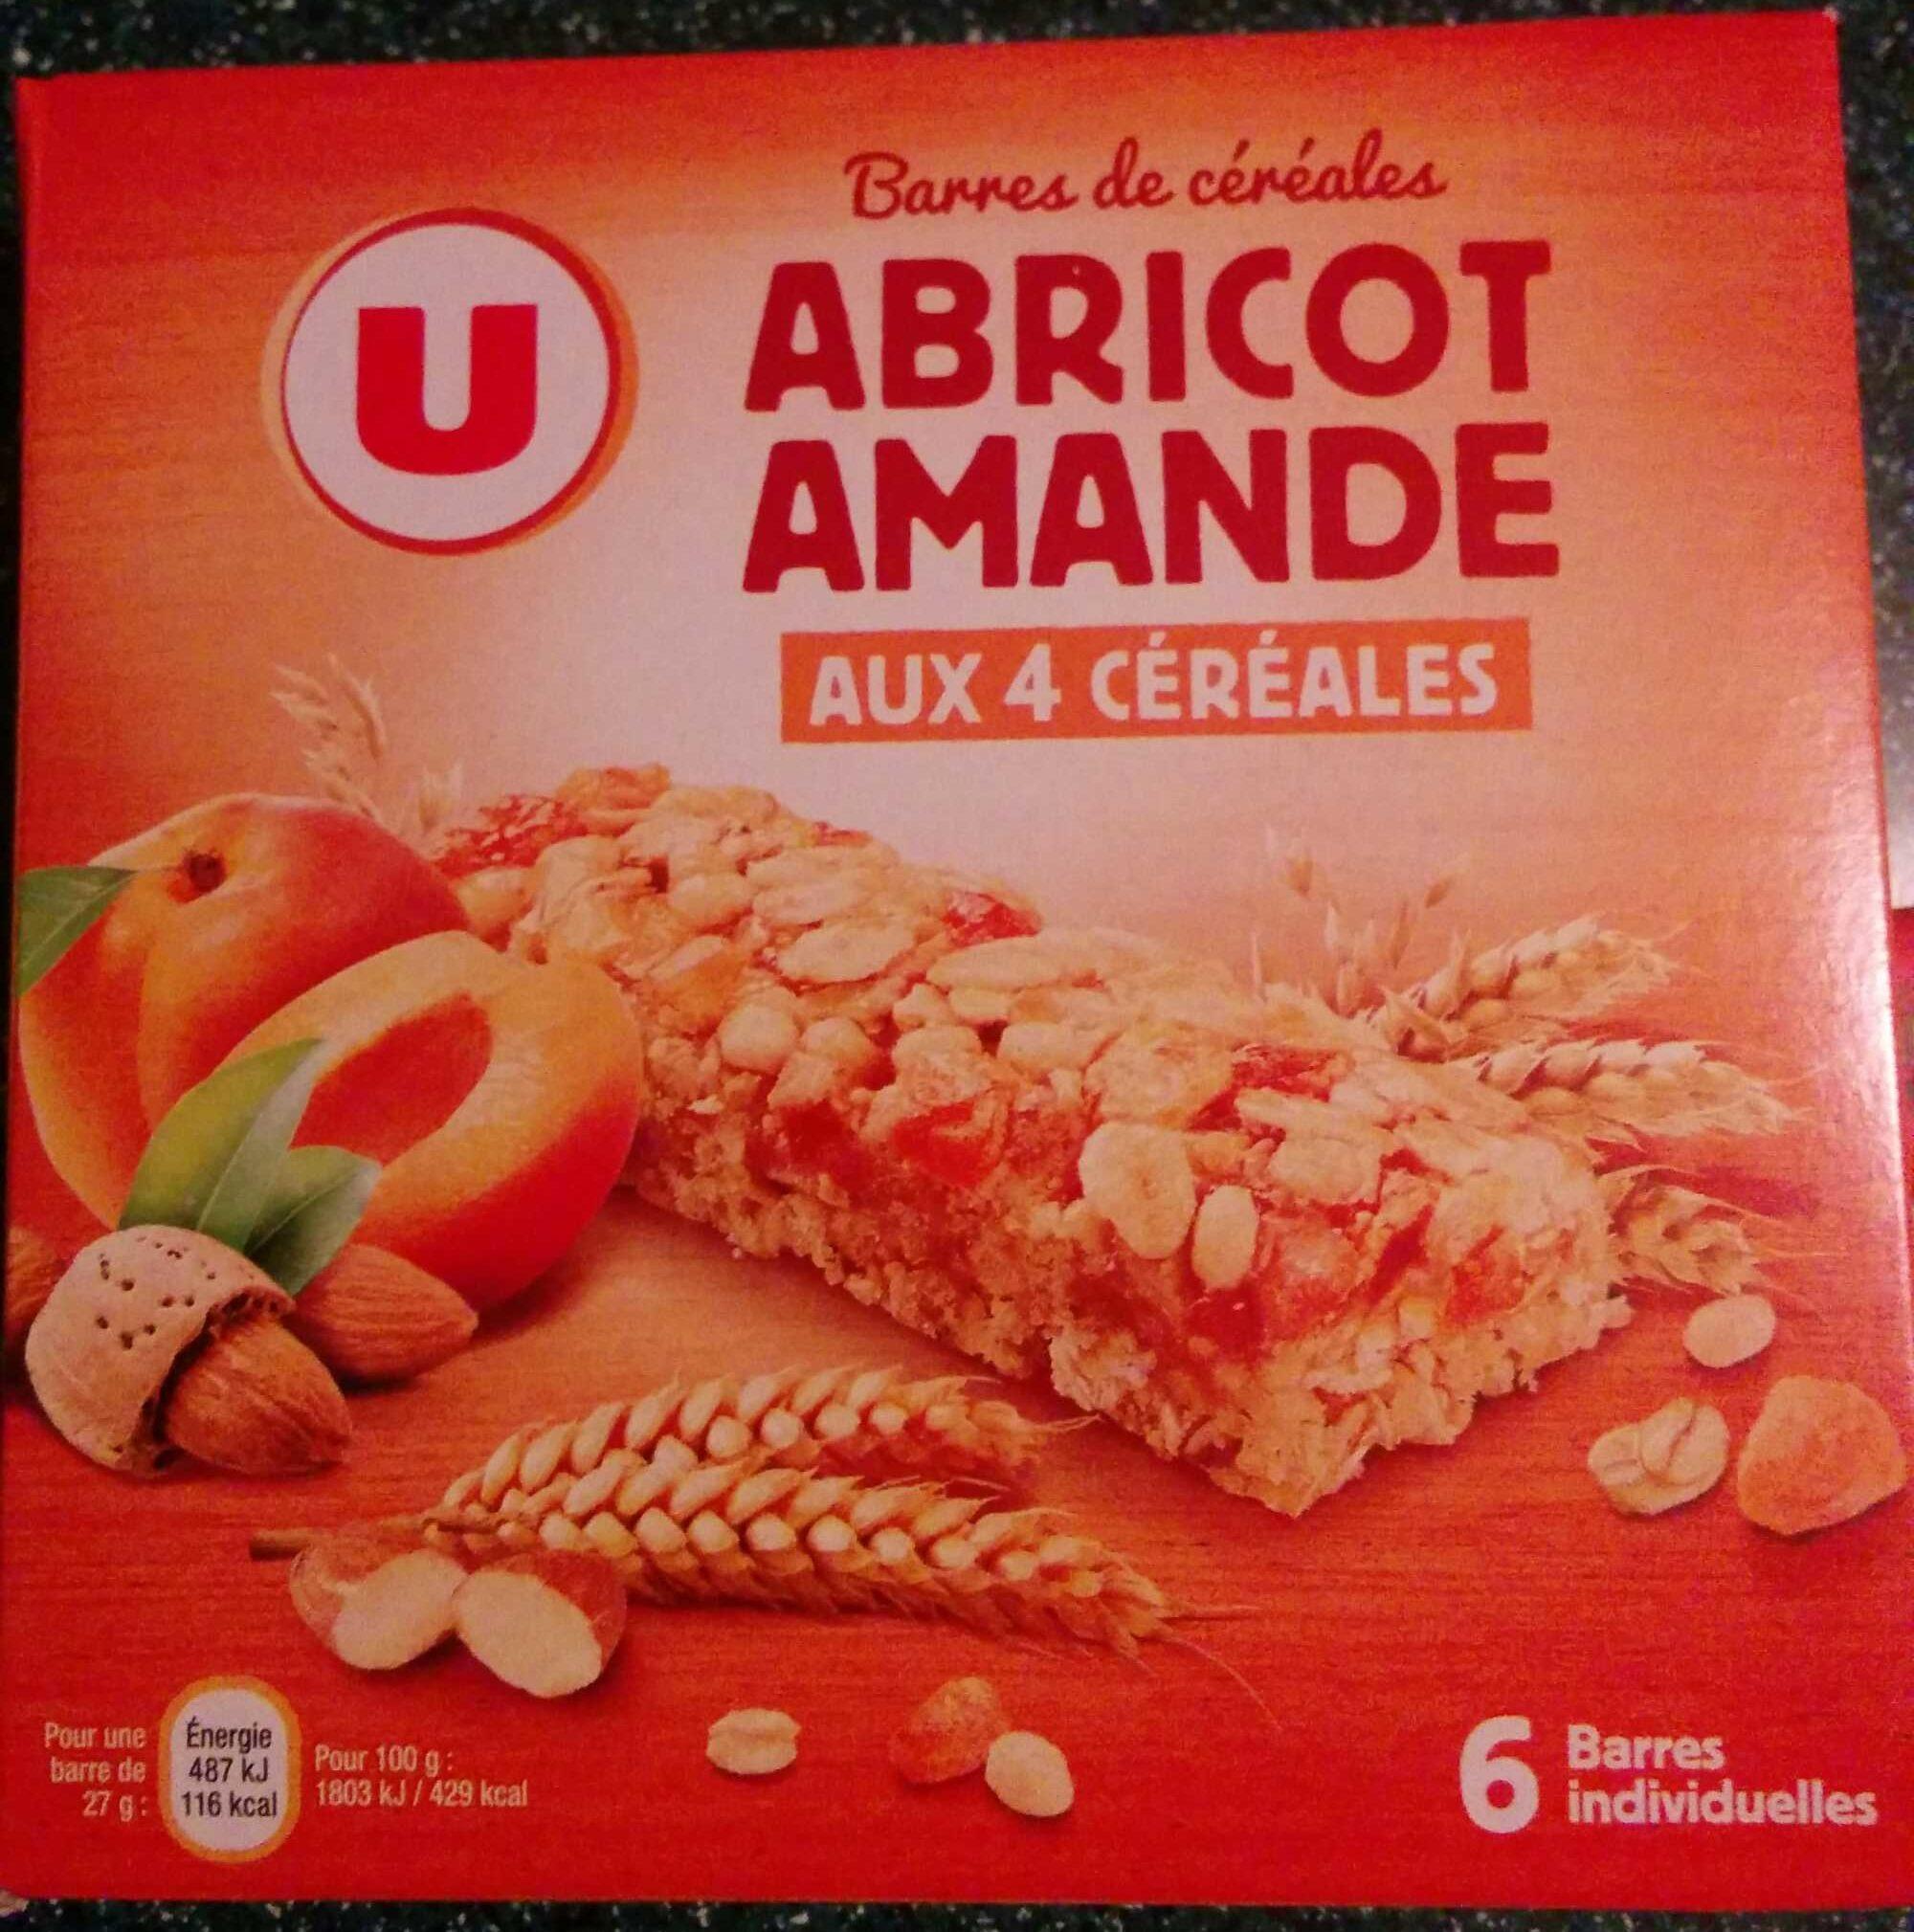 Barre de céréales abricot amande aux 4 céréales - Product